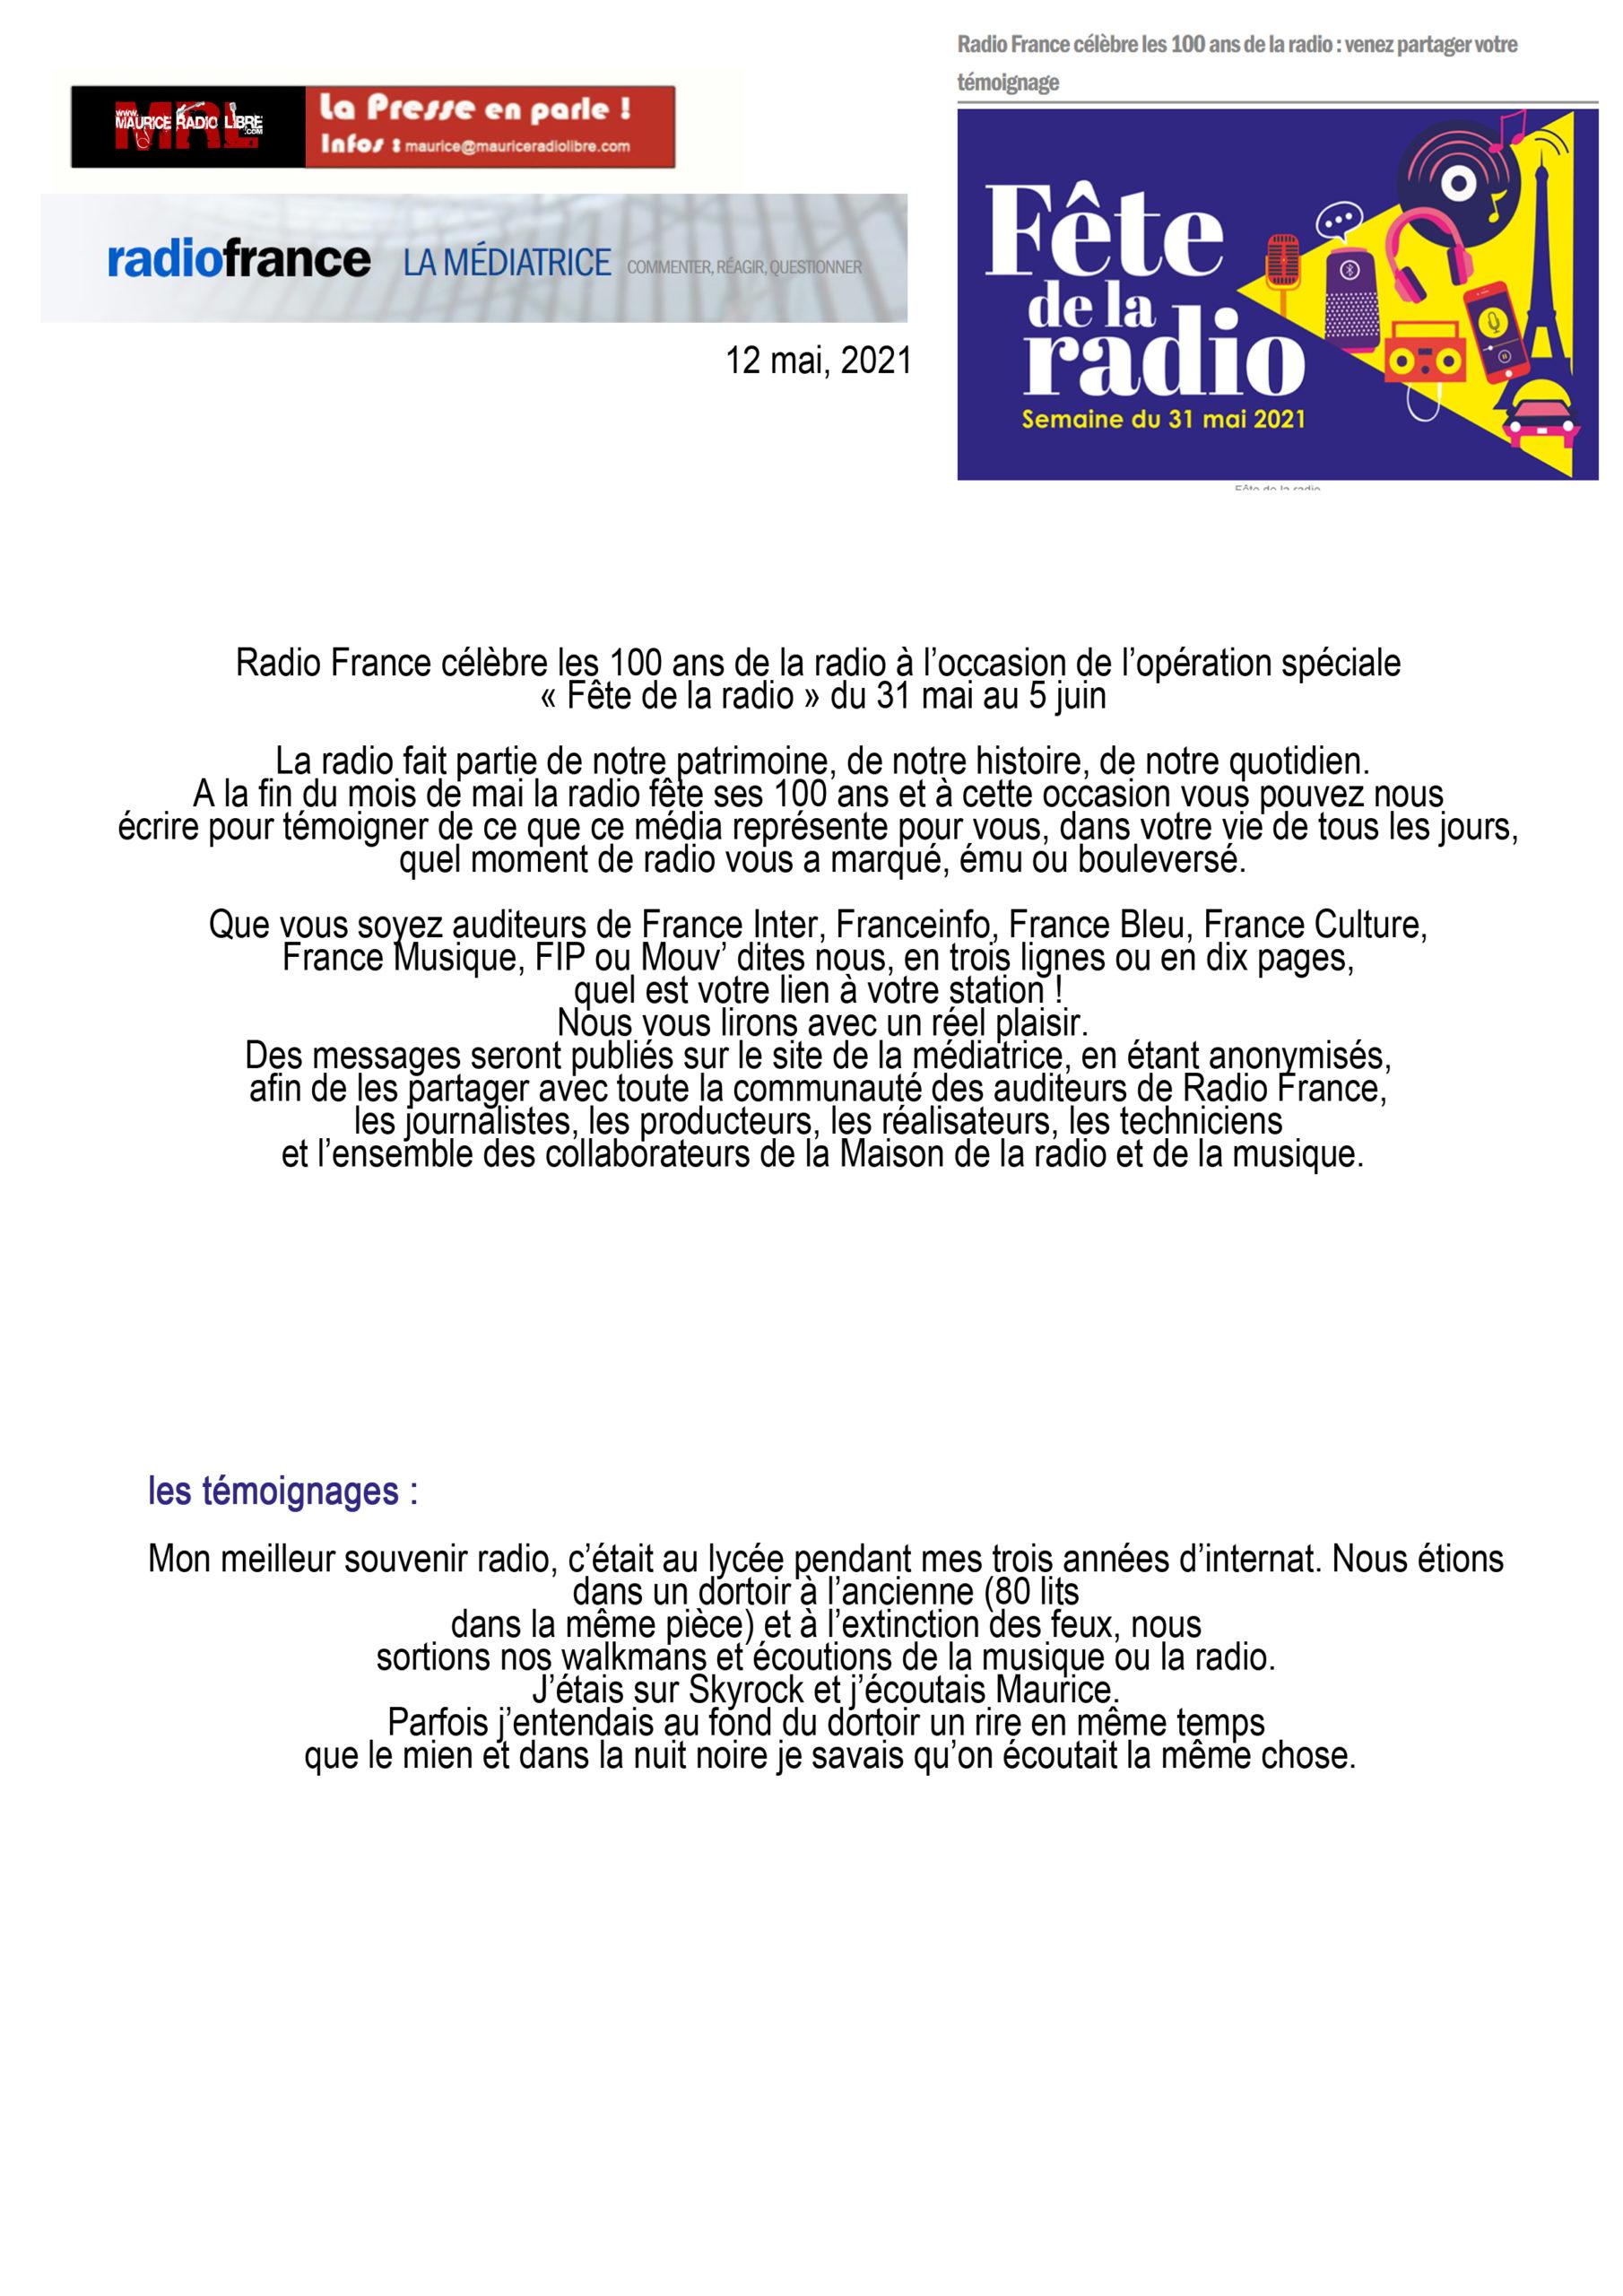 vignette Maurice cité sur Radio France mai 2021